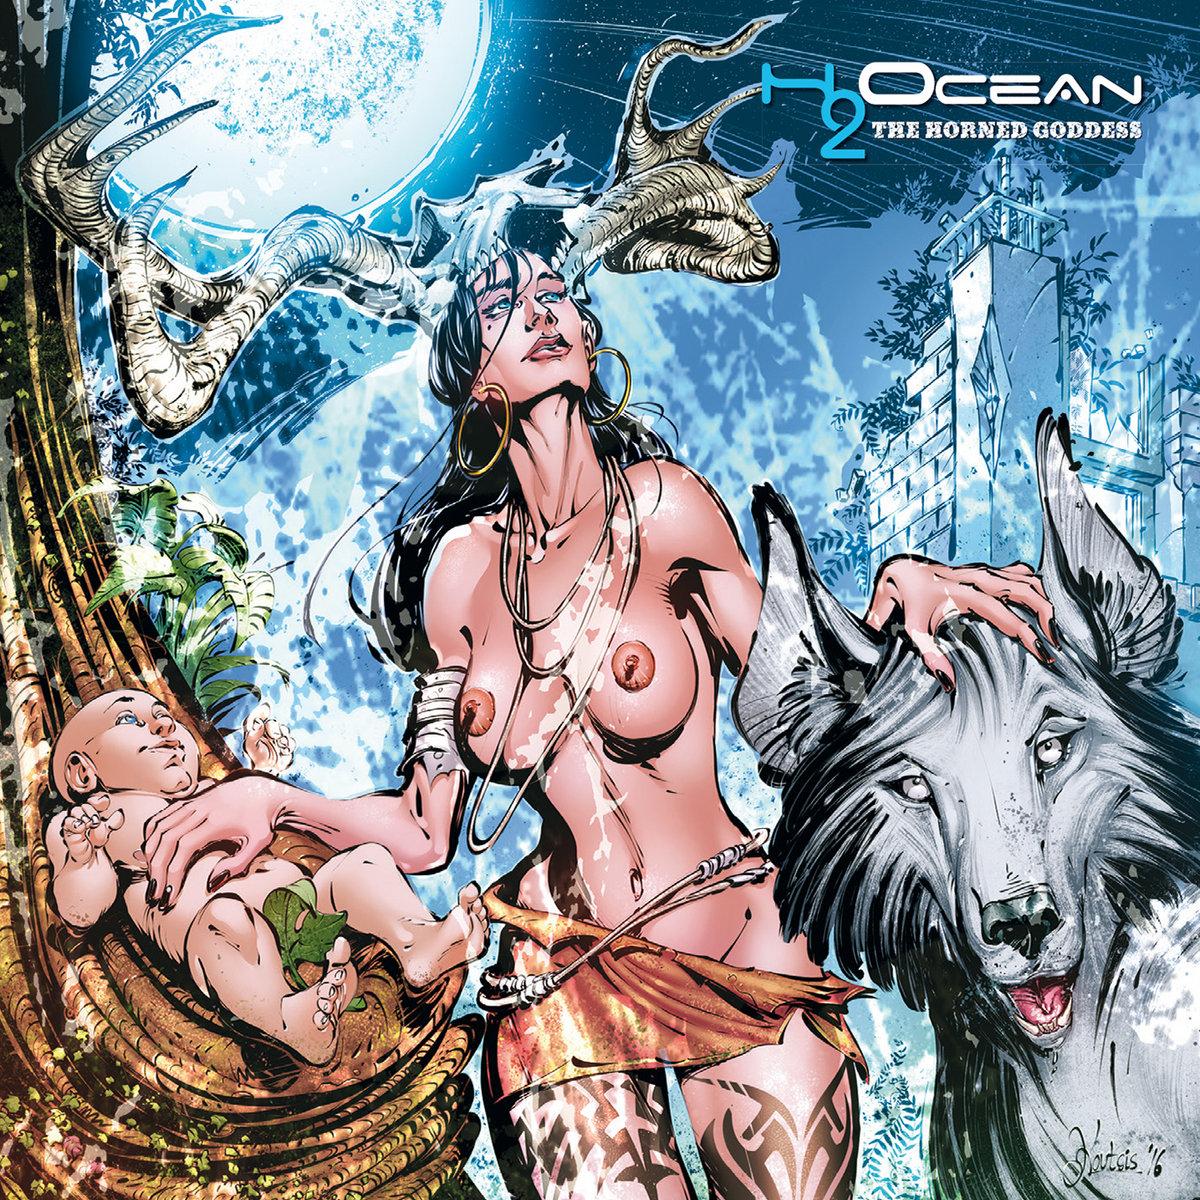 H2OCEAN - The Horned Goddess